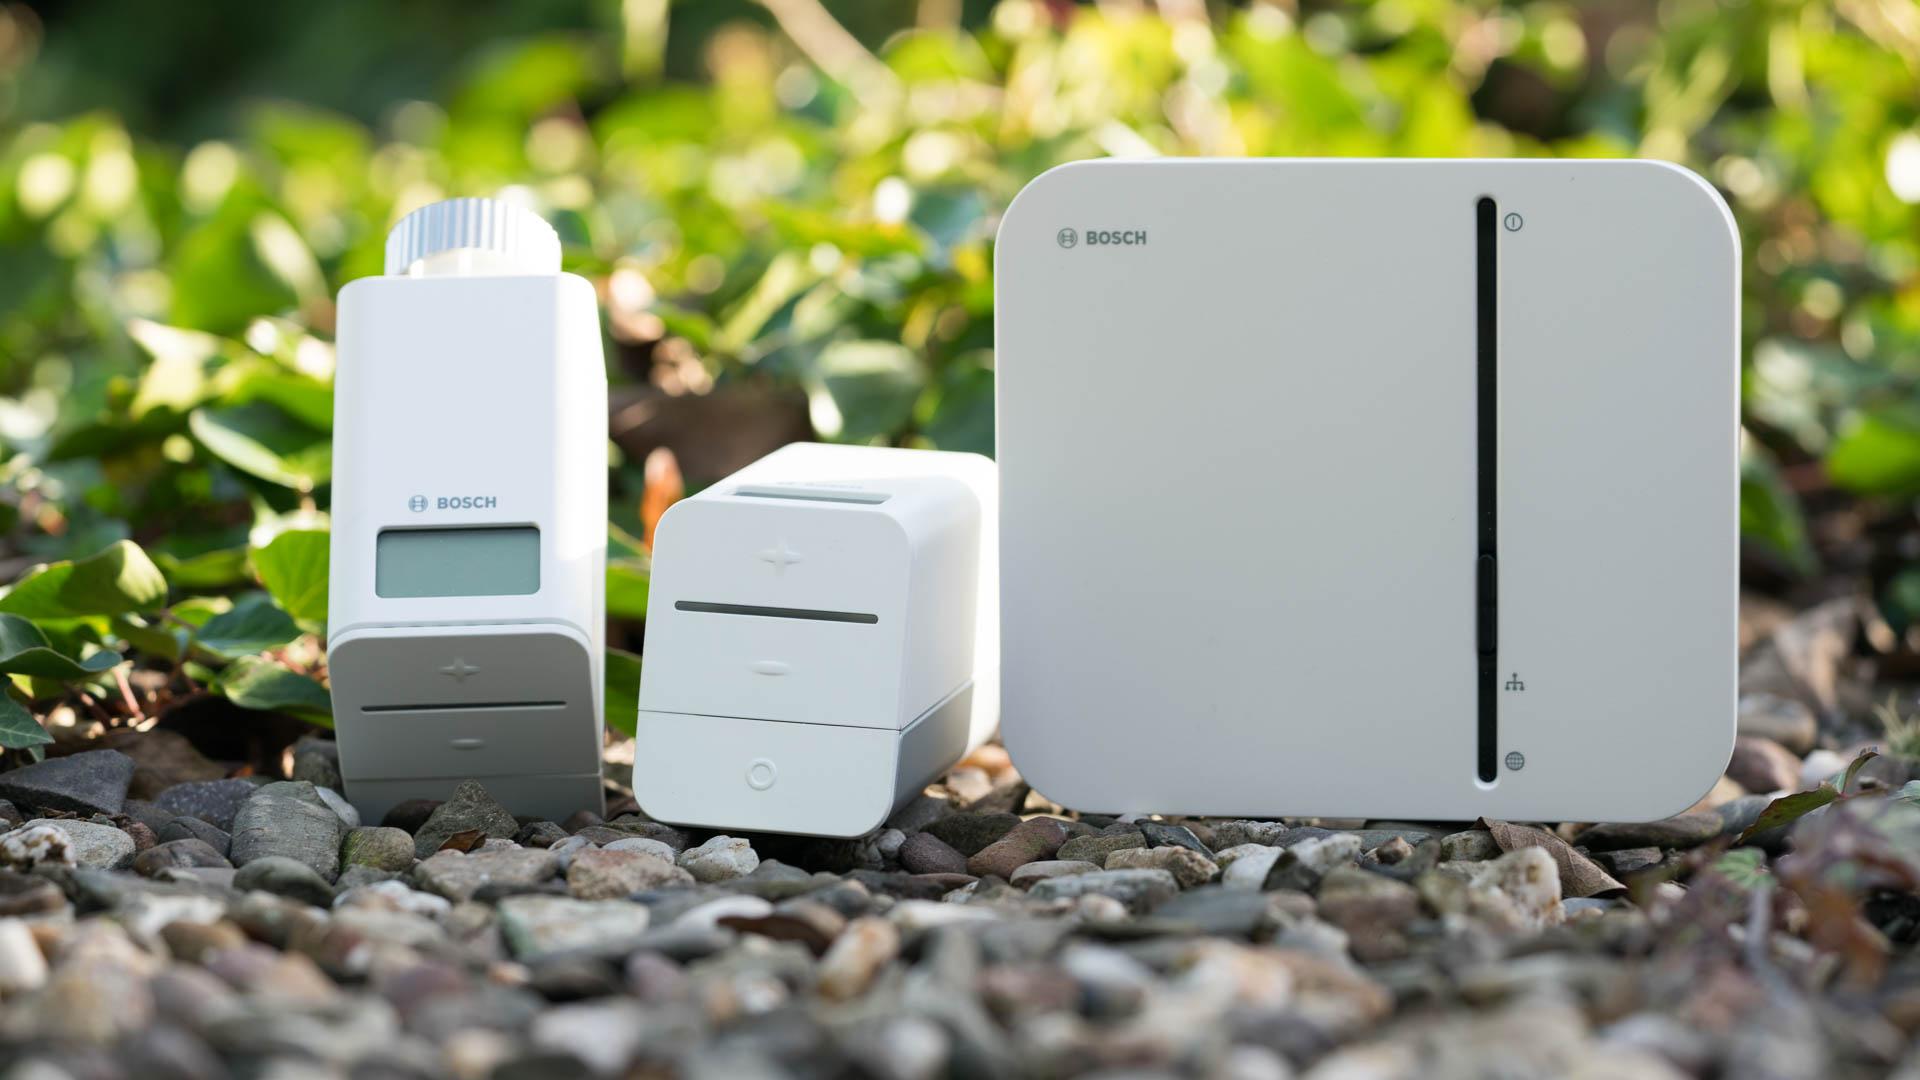 Bosch Smart Home Test : das bosch smart home raumklima starter set im test techtest ~ Frokenaadalensverden.com Haus und Dekorationen